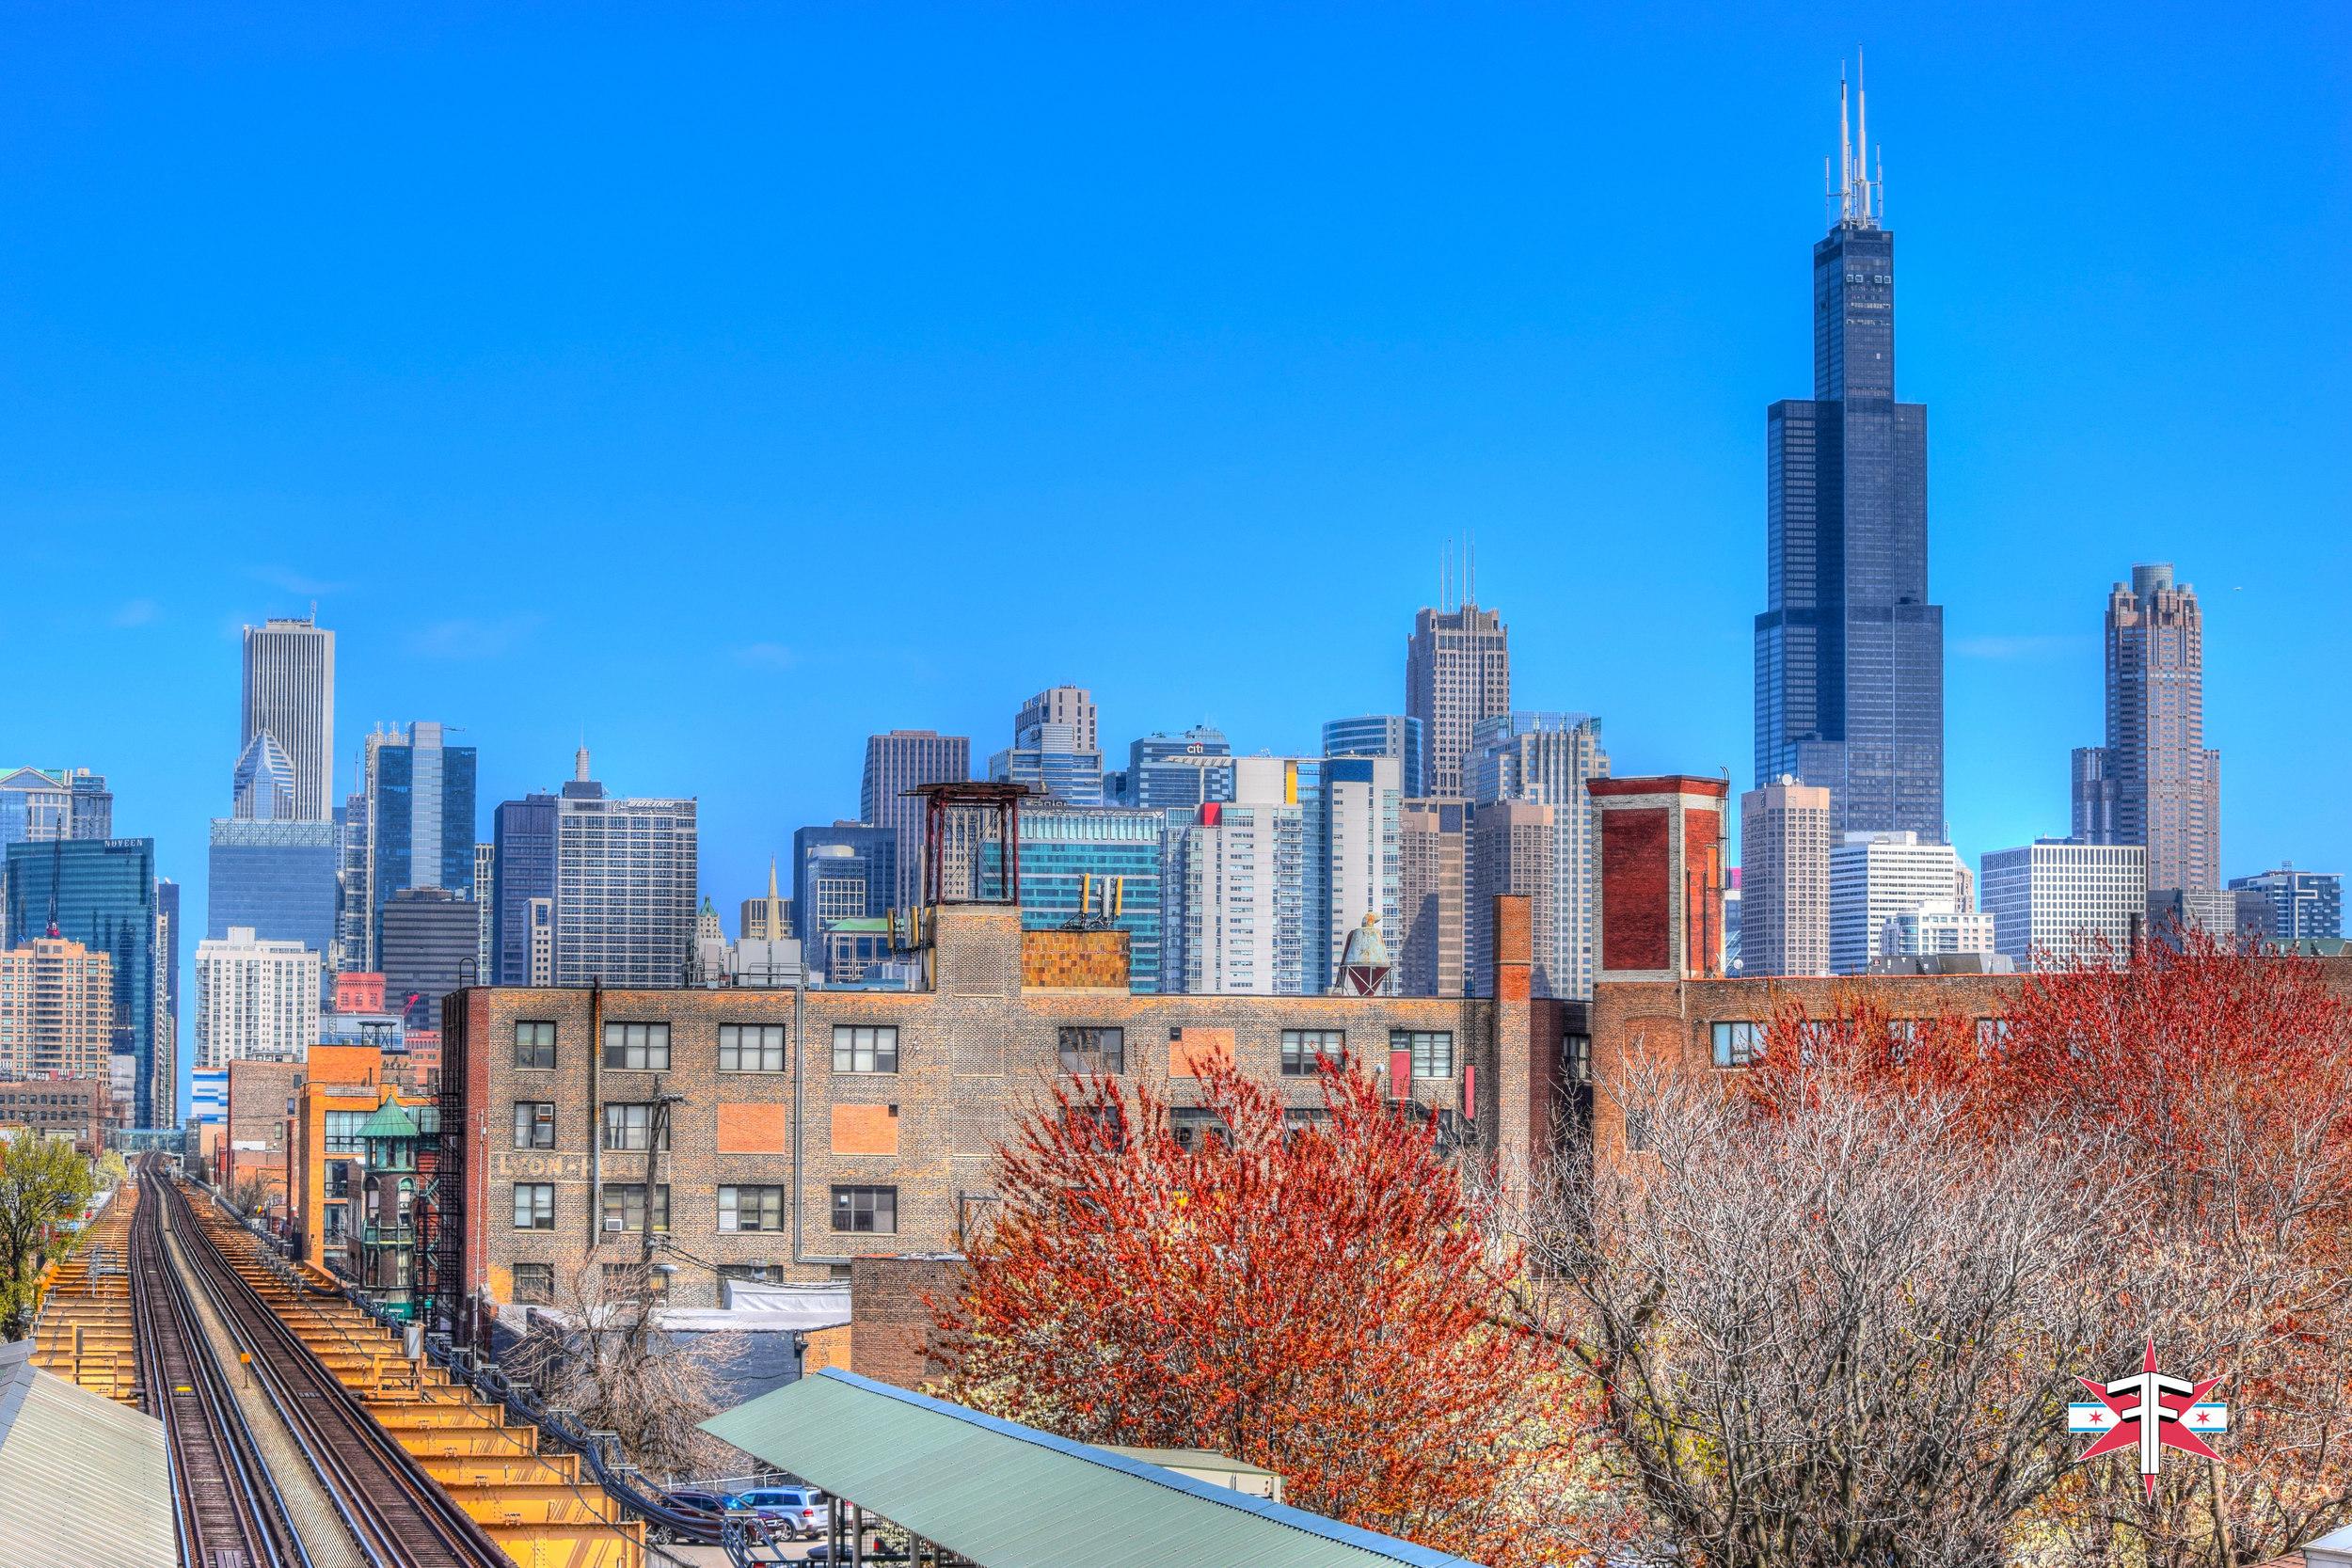 chicago art architecture eric formato photography design arquitectura architettura buildings skyscraper skyscrapers-81.jpg